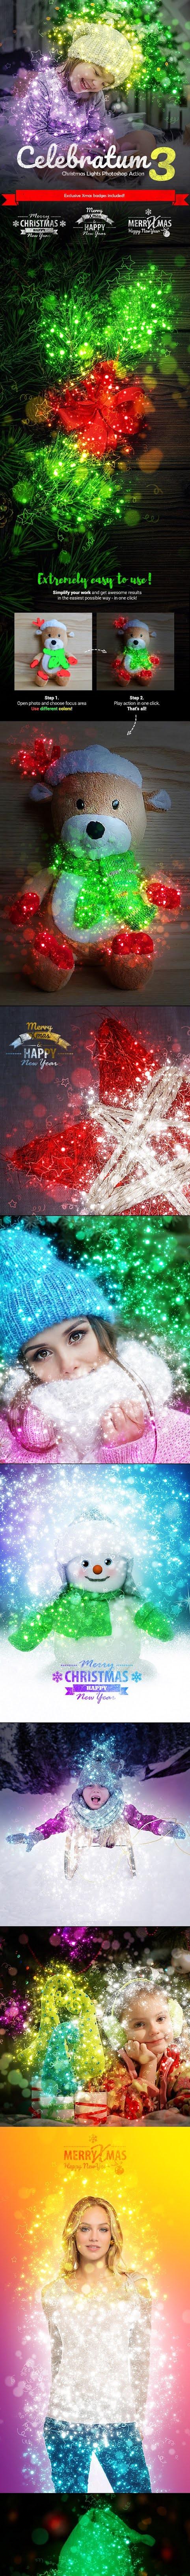 celebratum3 action preview image